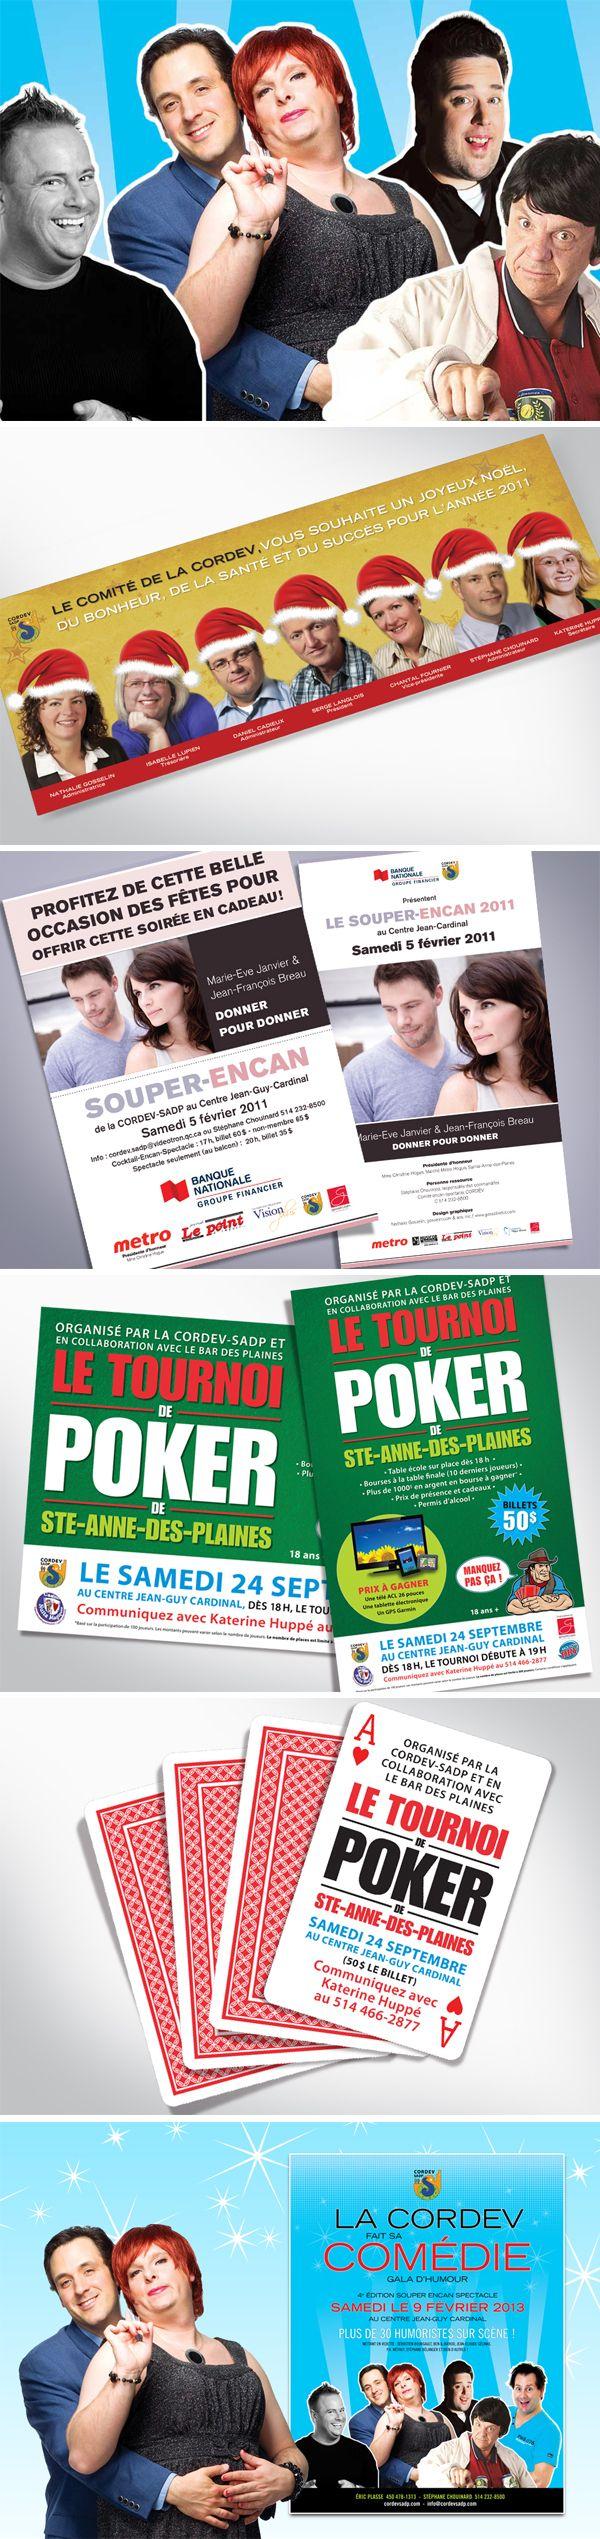 Cordev-SADP  En tant qu'administratrice et designer graphique de la corporation de développement de Sainte-Anne-des-Plaines j'ai eu la chance de développer quelques concepts.  Conception de projets pour amasser des fonds pour les membres commerçants. Spectacles, encans, tournois de Poker.  Et une carte sympathique de la part du comité pour les fêtes.